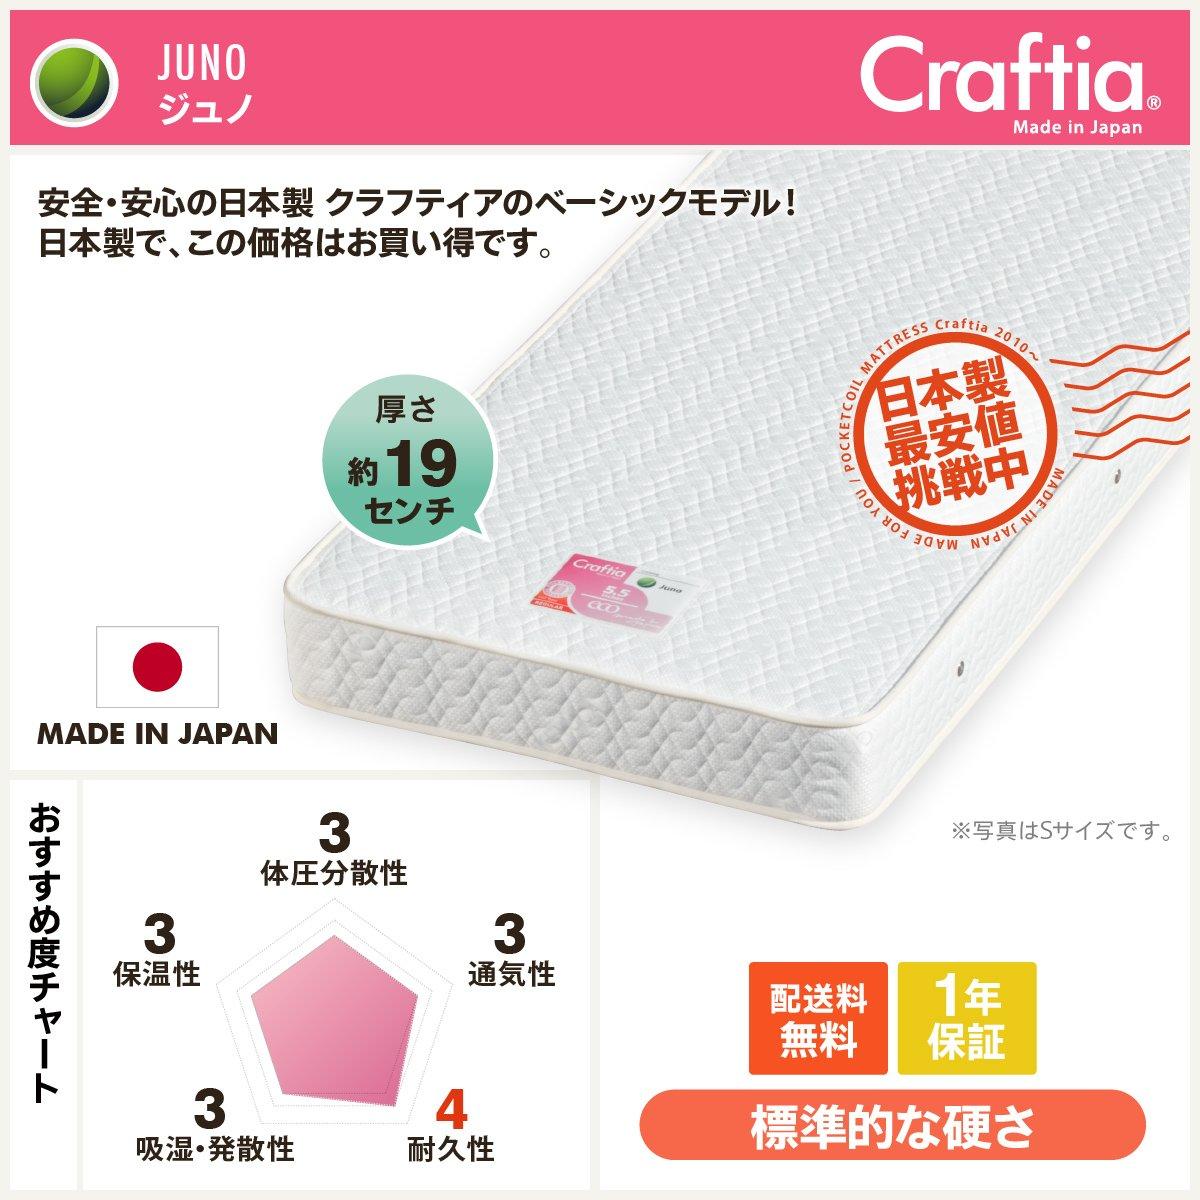 マットレス日本製 セミシングル90 ジュノ B00KBNXBIO [2] SS90(セミシングル90)幅90×奥行195×高さ19cm  [2] SS90(セミシングル90)幅90×奥行195×高さ19cm